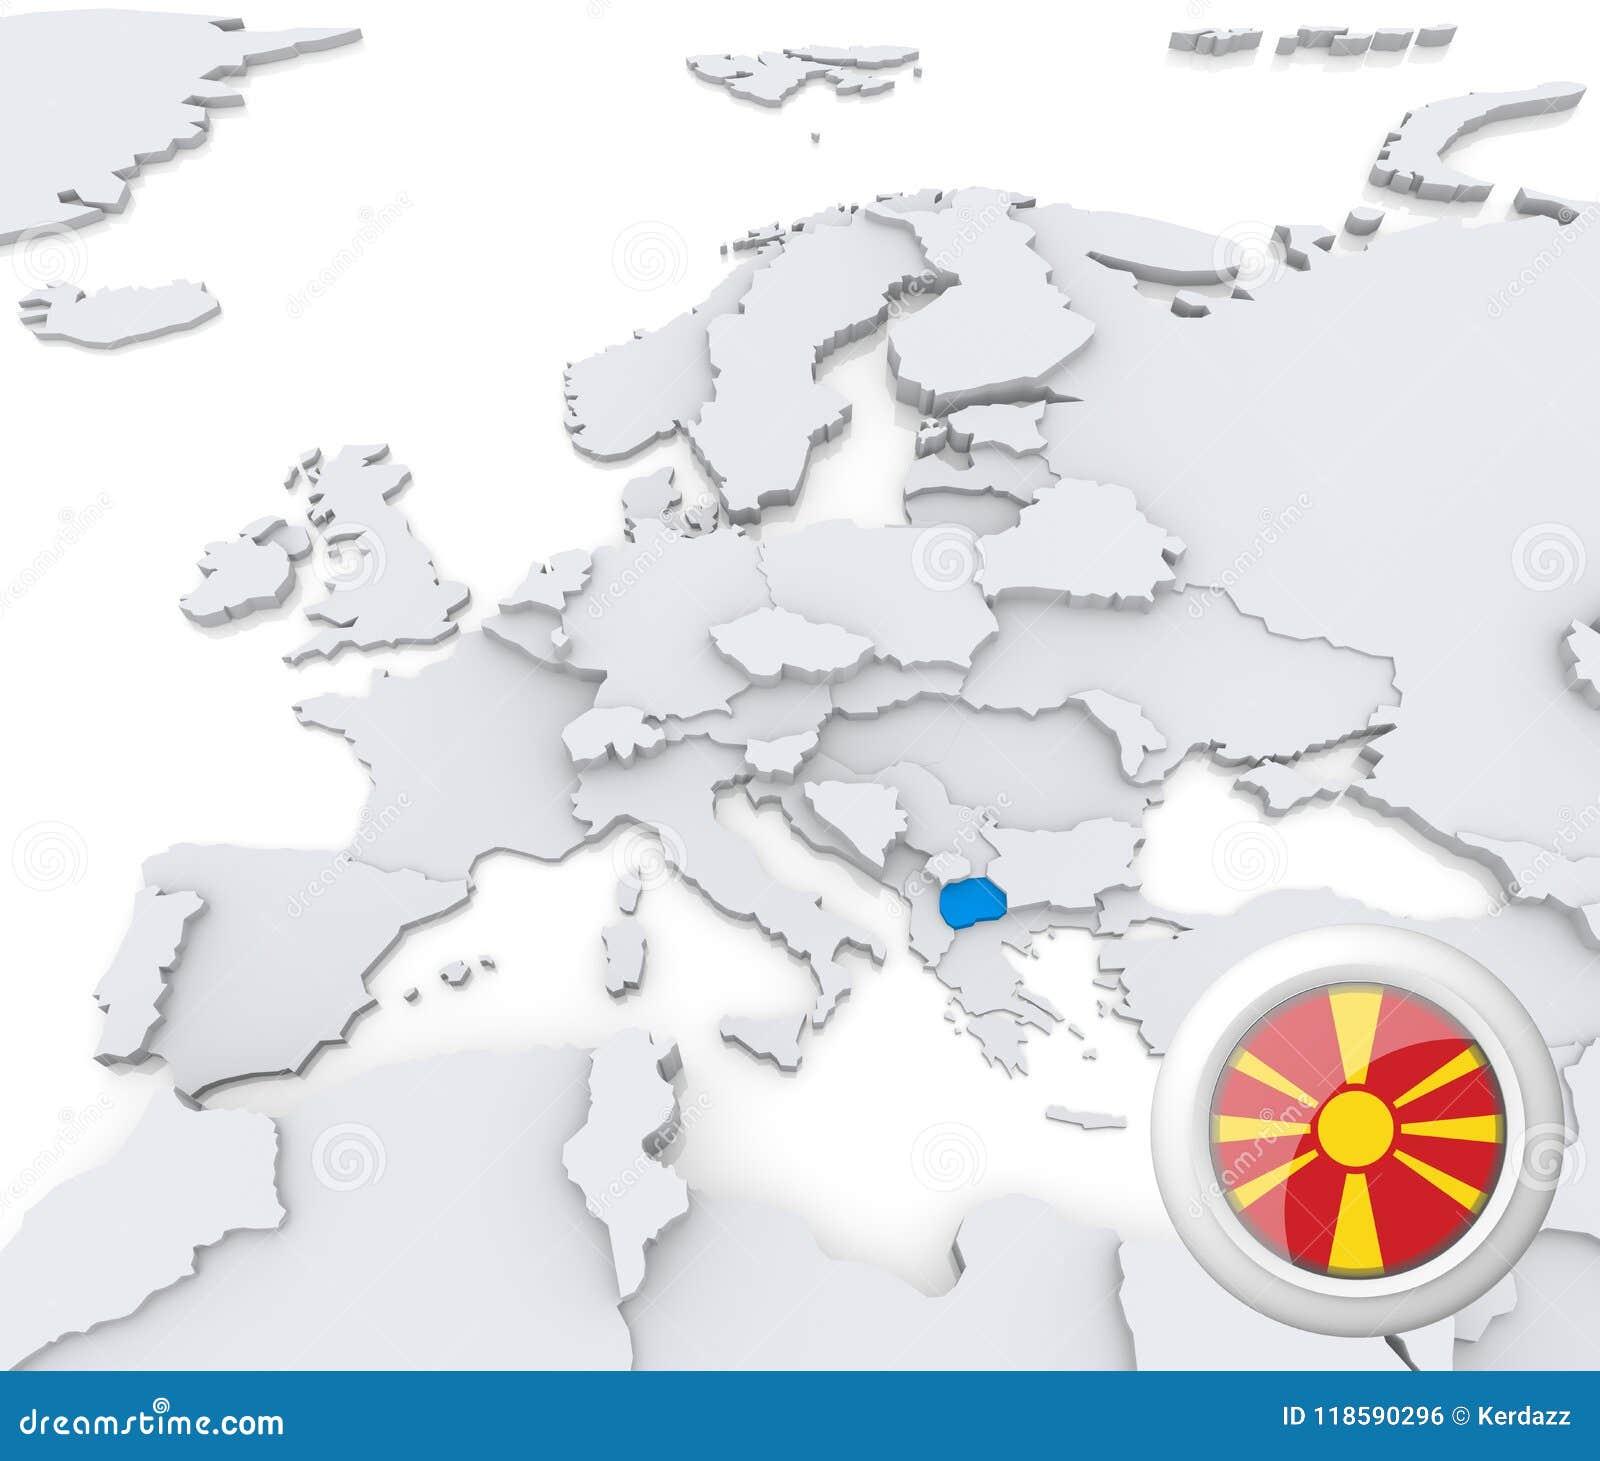 Macedonia On Map Of Europe Stock Illustration Illustration Of Basic